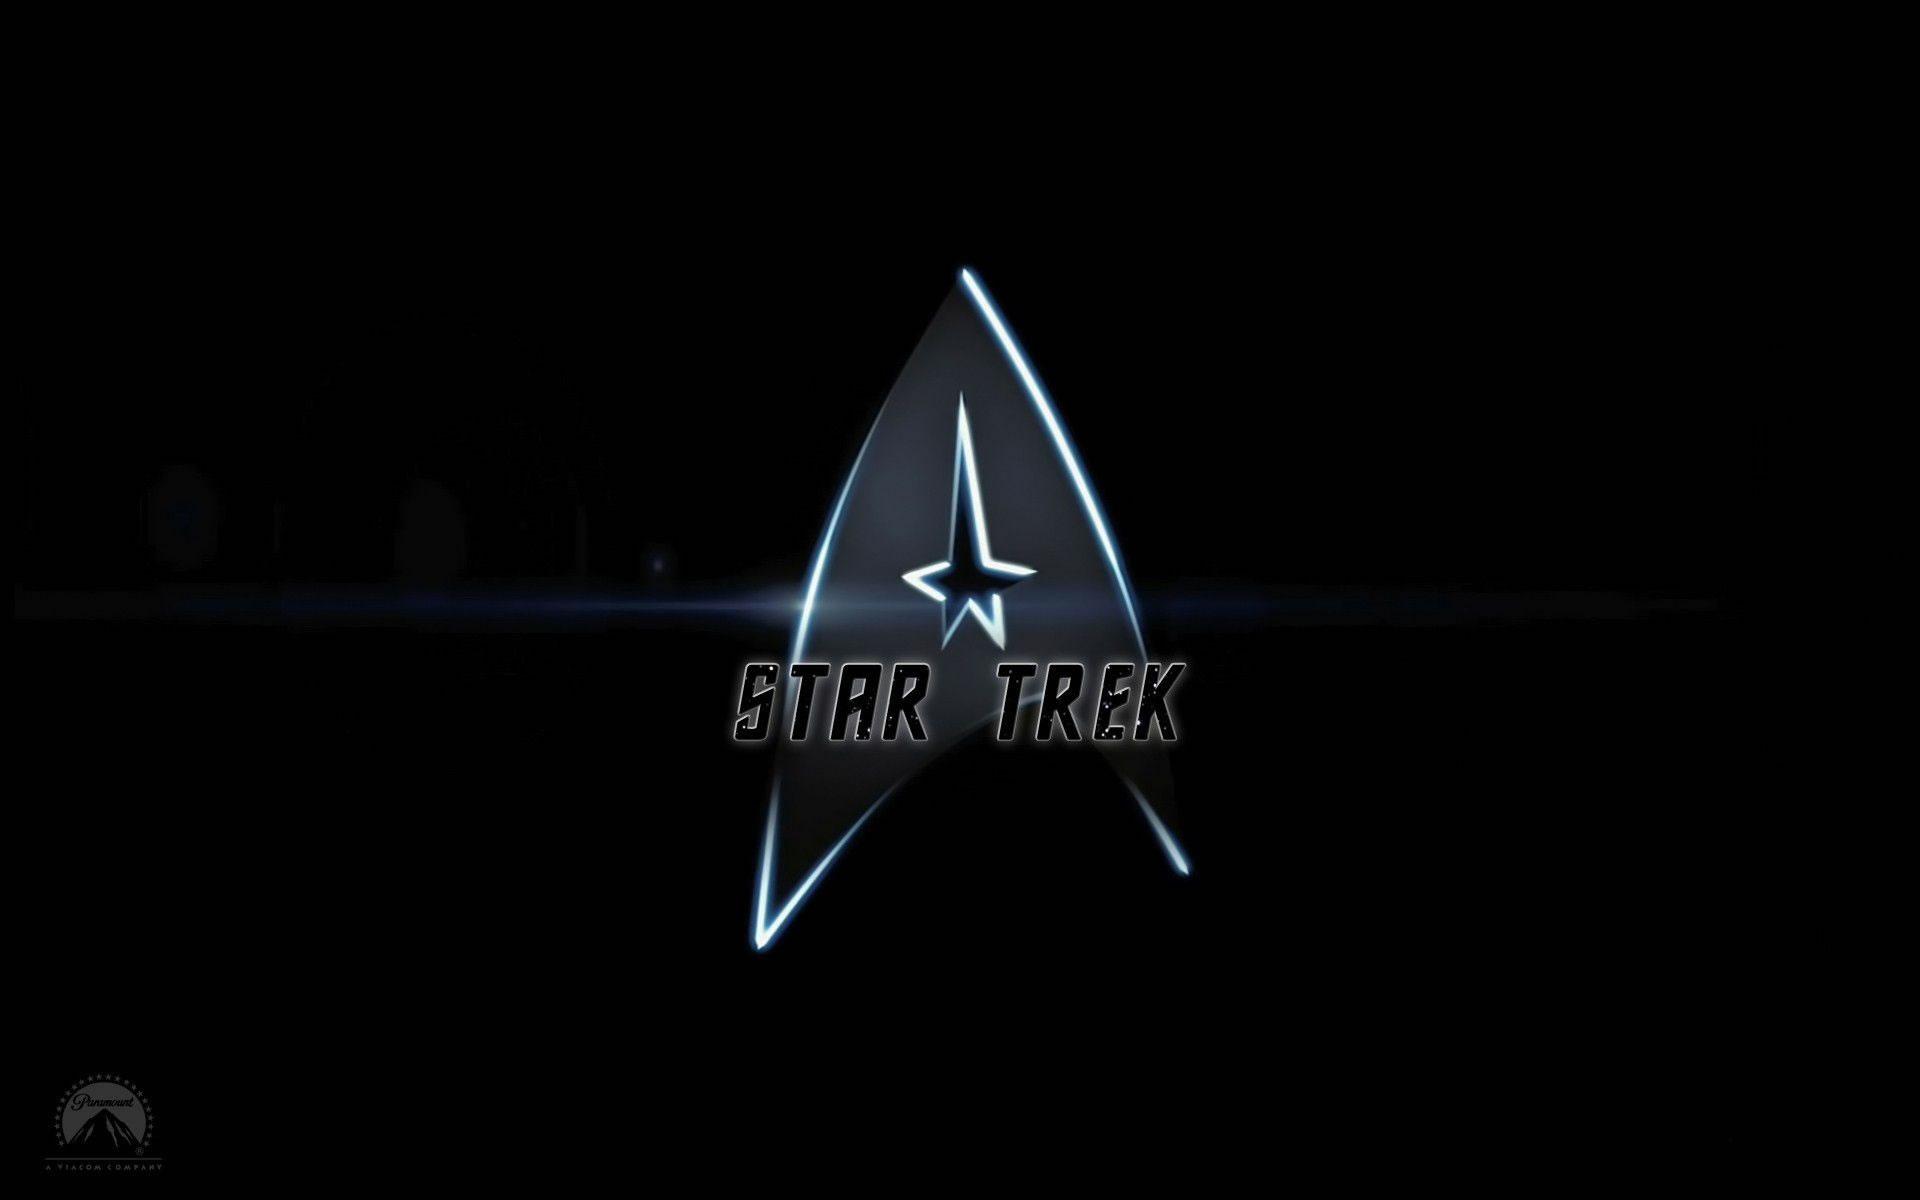 Free download Star Trek Borg Logos Hd Wallpaper Color